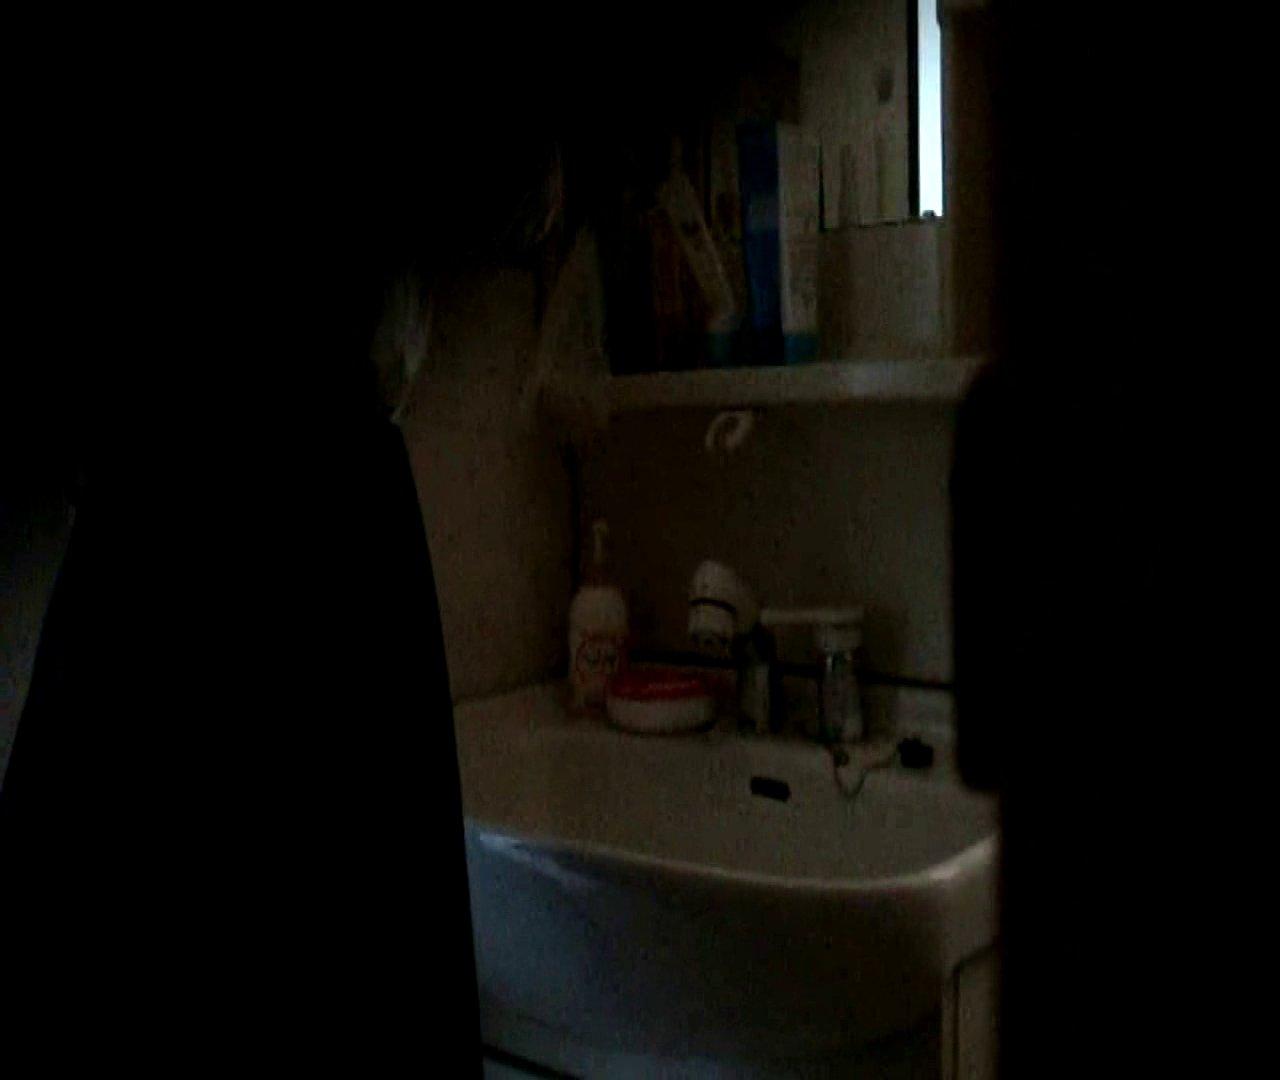 二人とも育てた甲斐がありました… vol.05 まどかが洗顔後にブラを洗濯 盗撮シリーズ | おまんこ見放題  79PIX 5